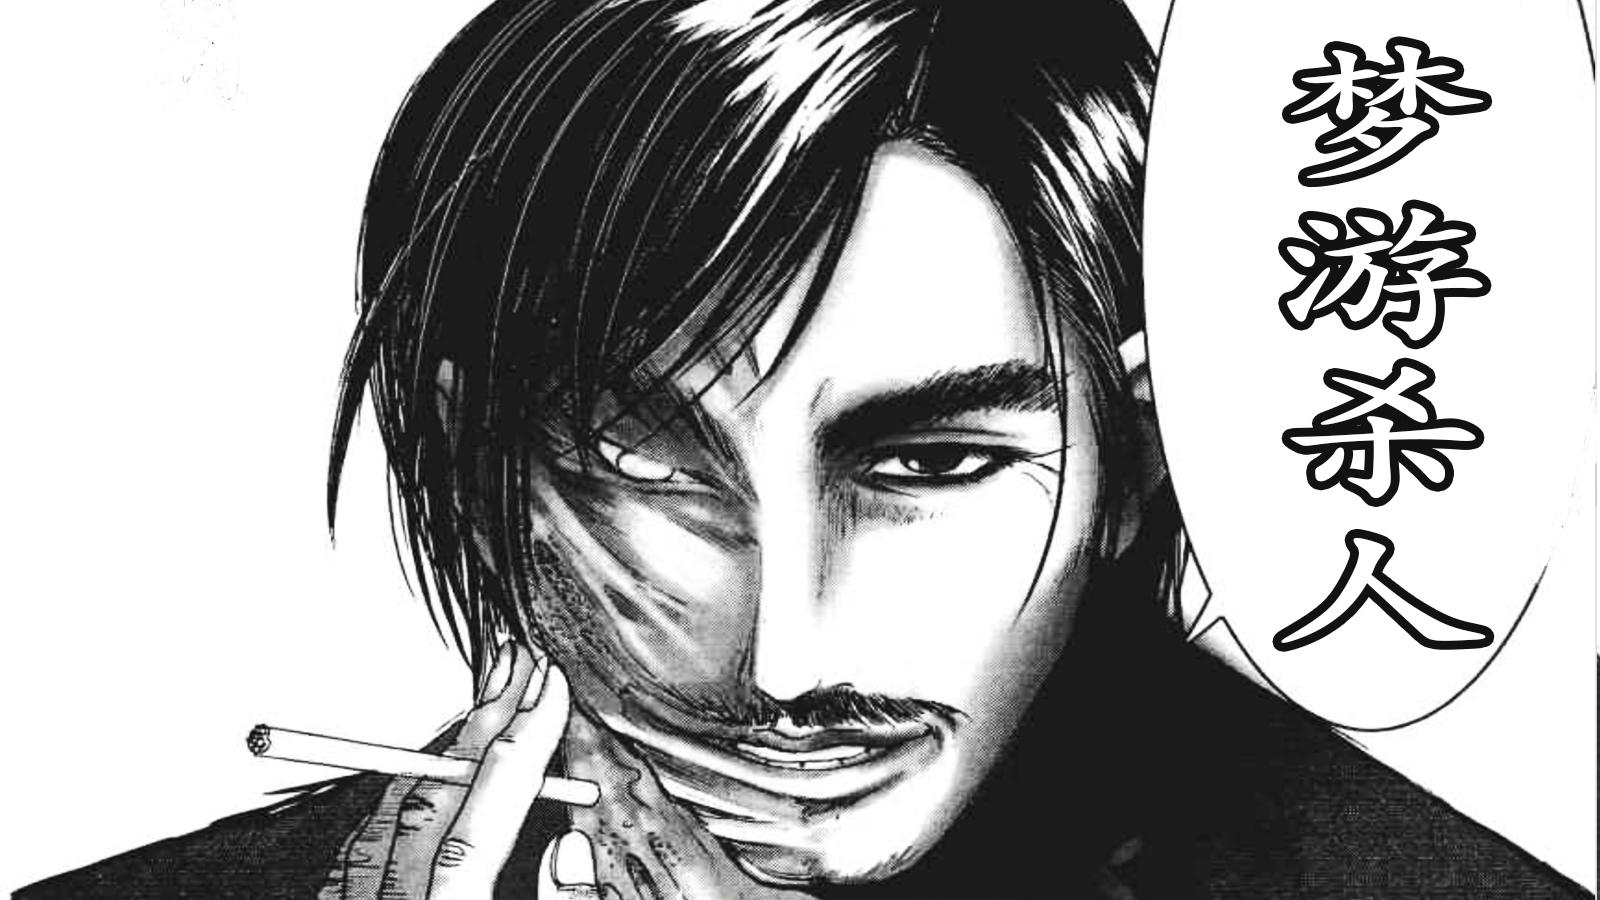 【江户川18虚空男】两个男人梦游杀人的故事